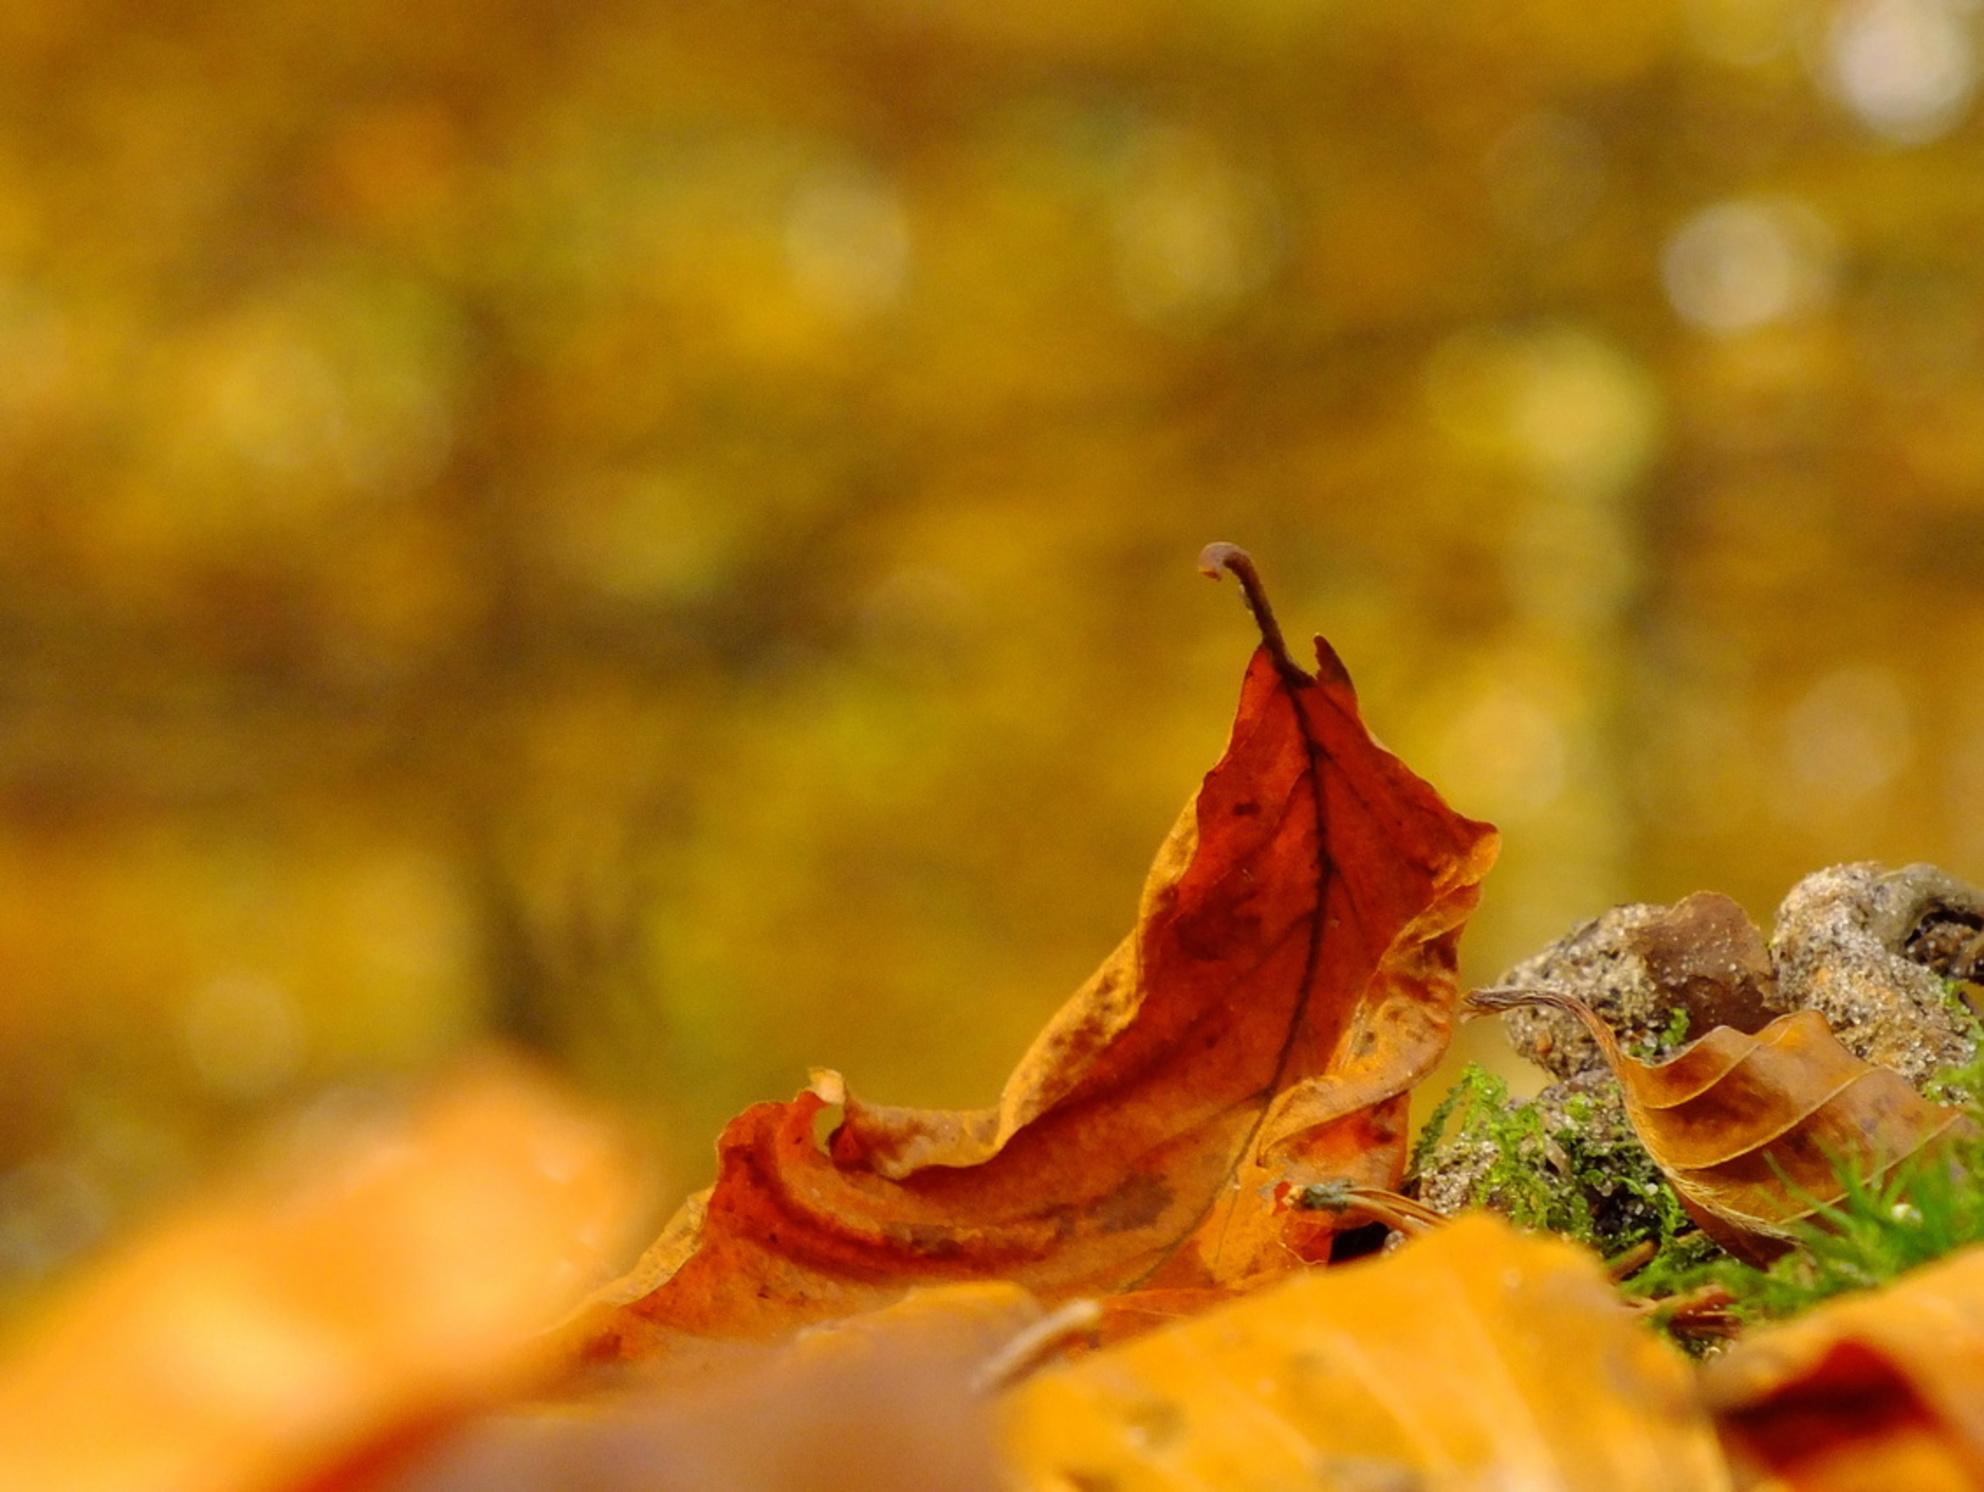 Gevallen. - - - foto door fujializah op 23-11-2015 - deze foto bevat: macro, herfst, blad, bokeh - Deze foto mag gebruikt worden in een Zoom.nl publicatie